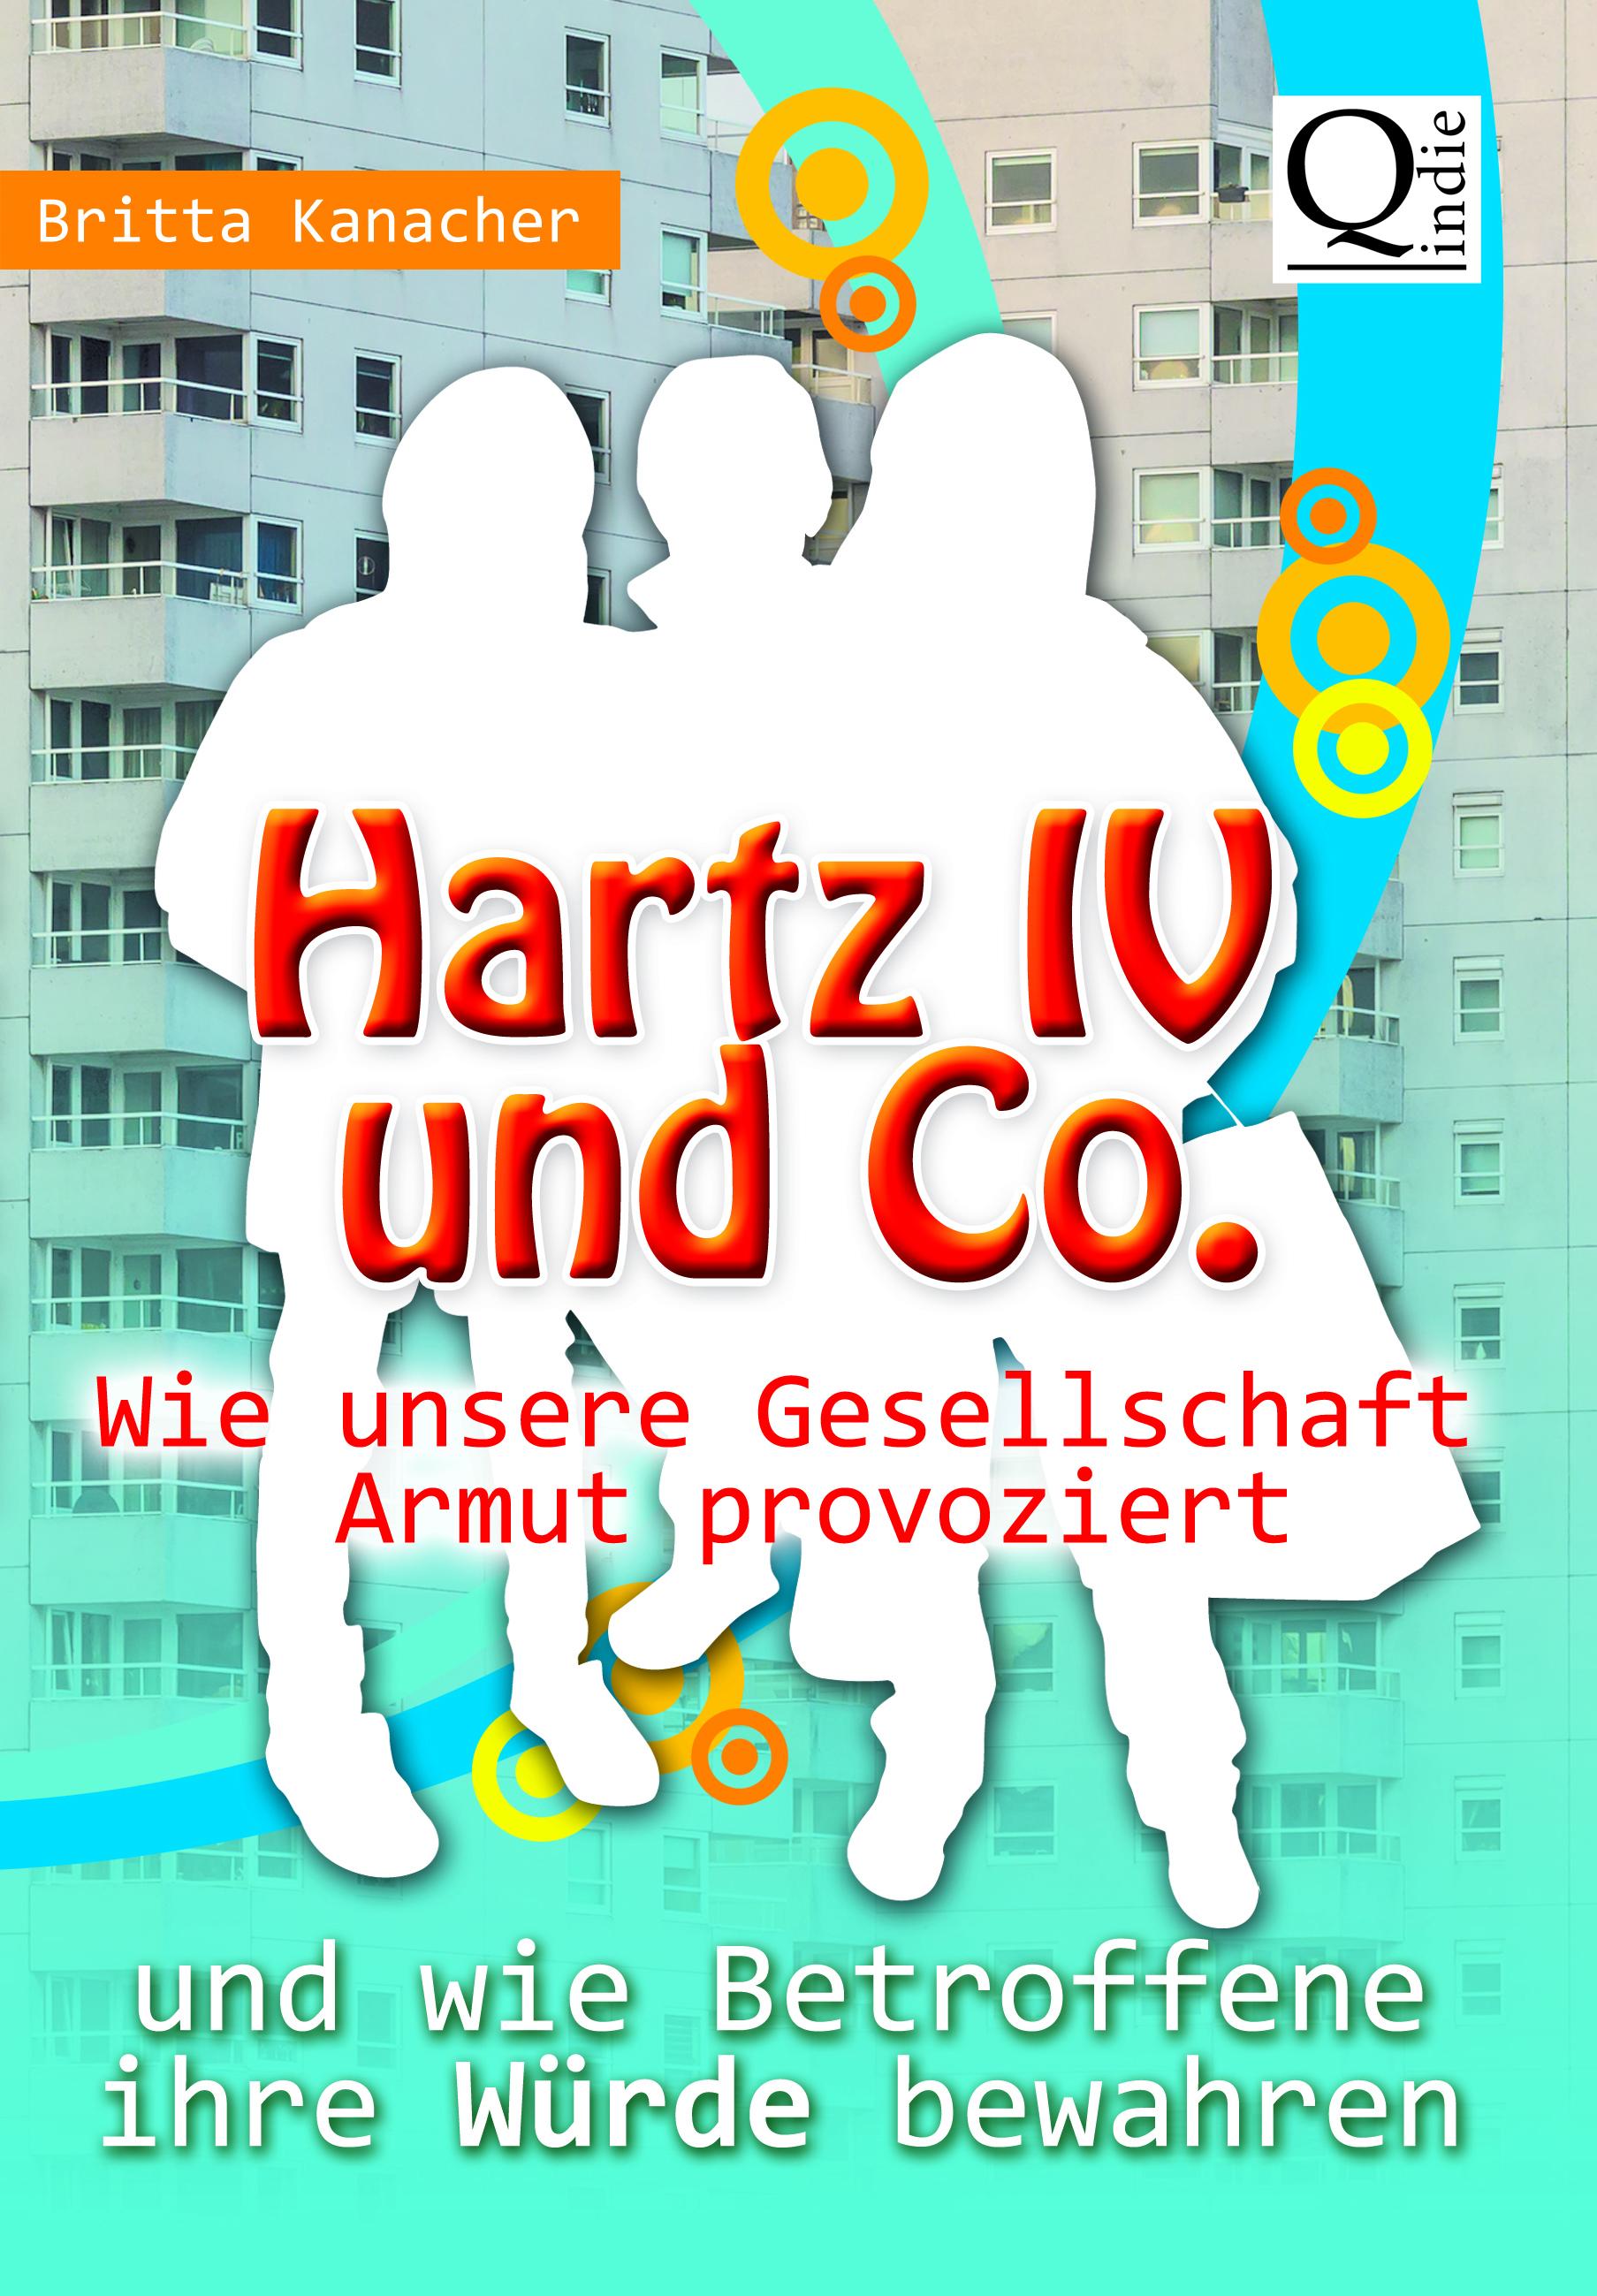 Britta Kanacher - Hartz IV und Co.